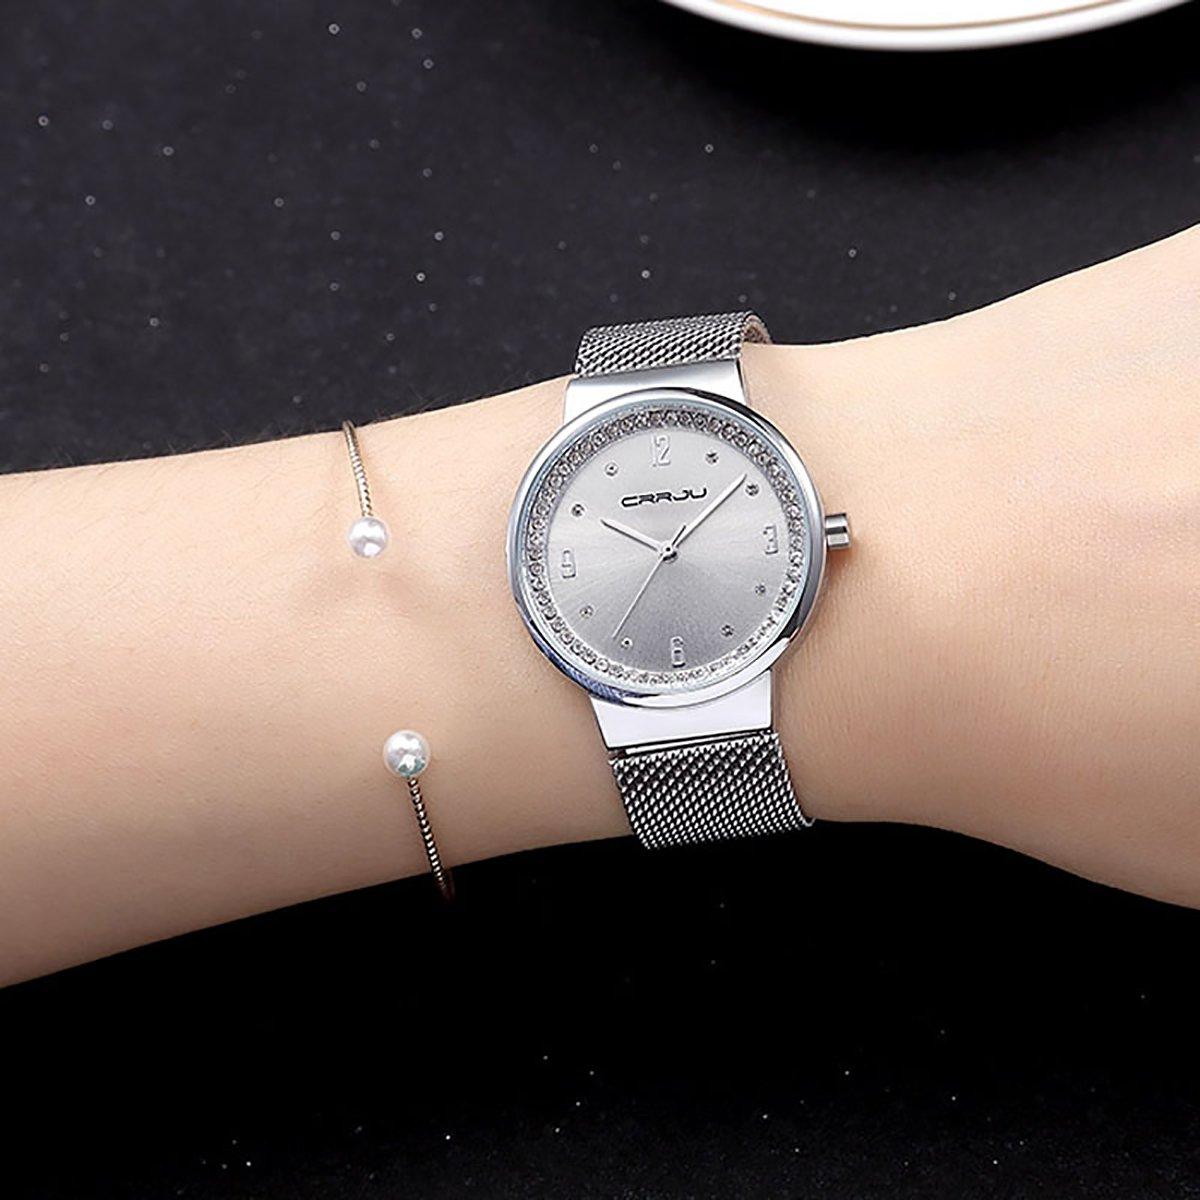 Modiwen, orologio da polso, da donna, con movimento al quarzo. Orologio con diamanti, acciaio lavorato a maglia. Orologio impermeabile, veste come un braccialetto. Orologi da donna per il tempo libero Sliver